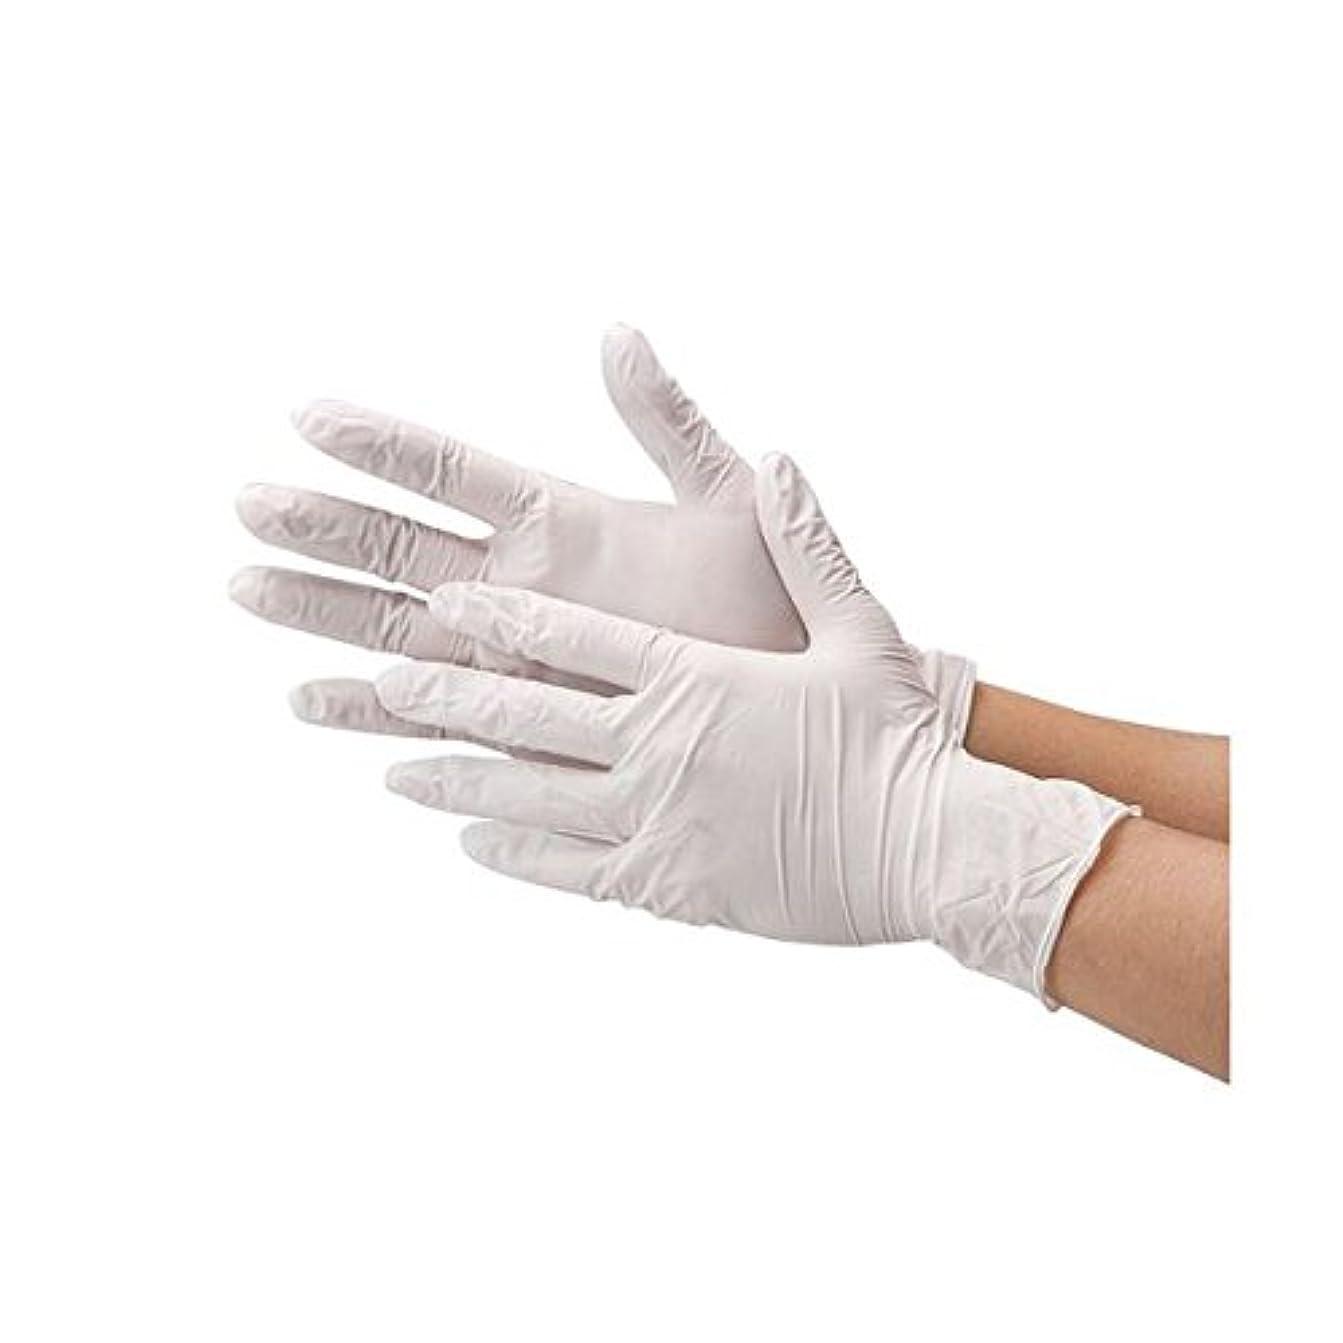 仕出します後ろ、背後、背面(部洗練された(業務用20セット) 川西工業 ニトリル極薄手袋 粉なし WM #2039 Mサイズ ホワイト ダイエット 健康 衛生用品 その他の衛生用品 14067381 [並行輸入品]